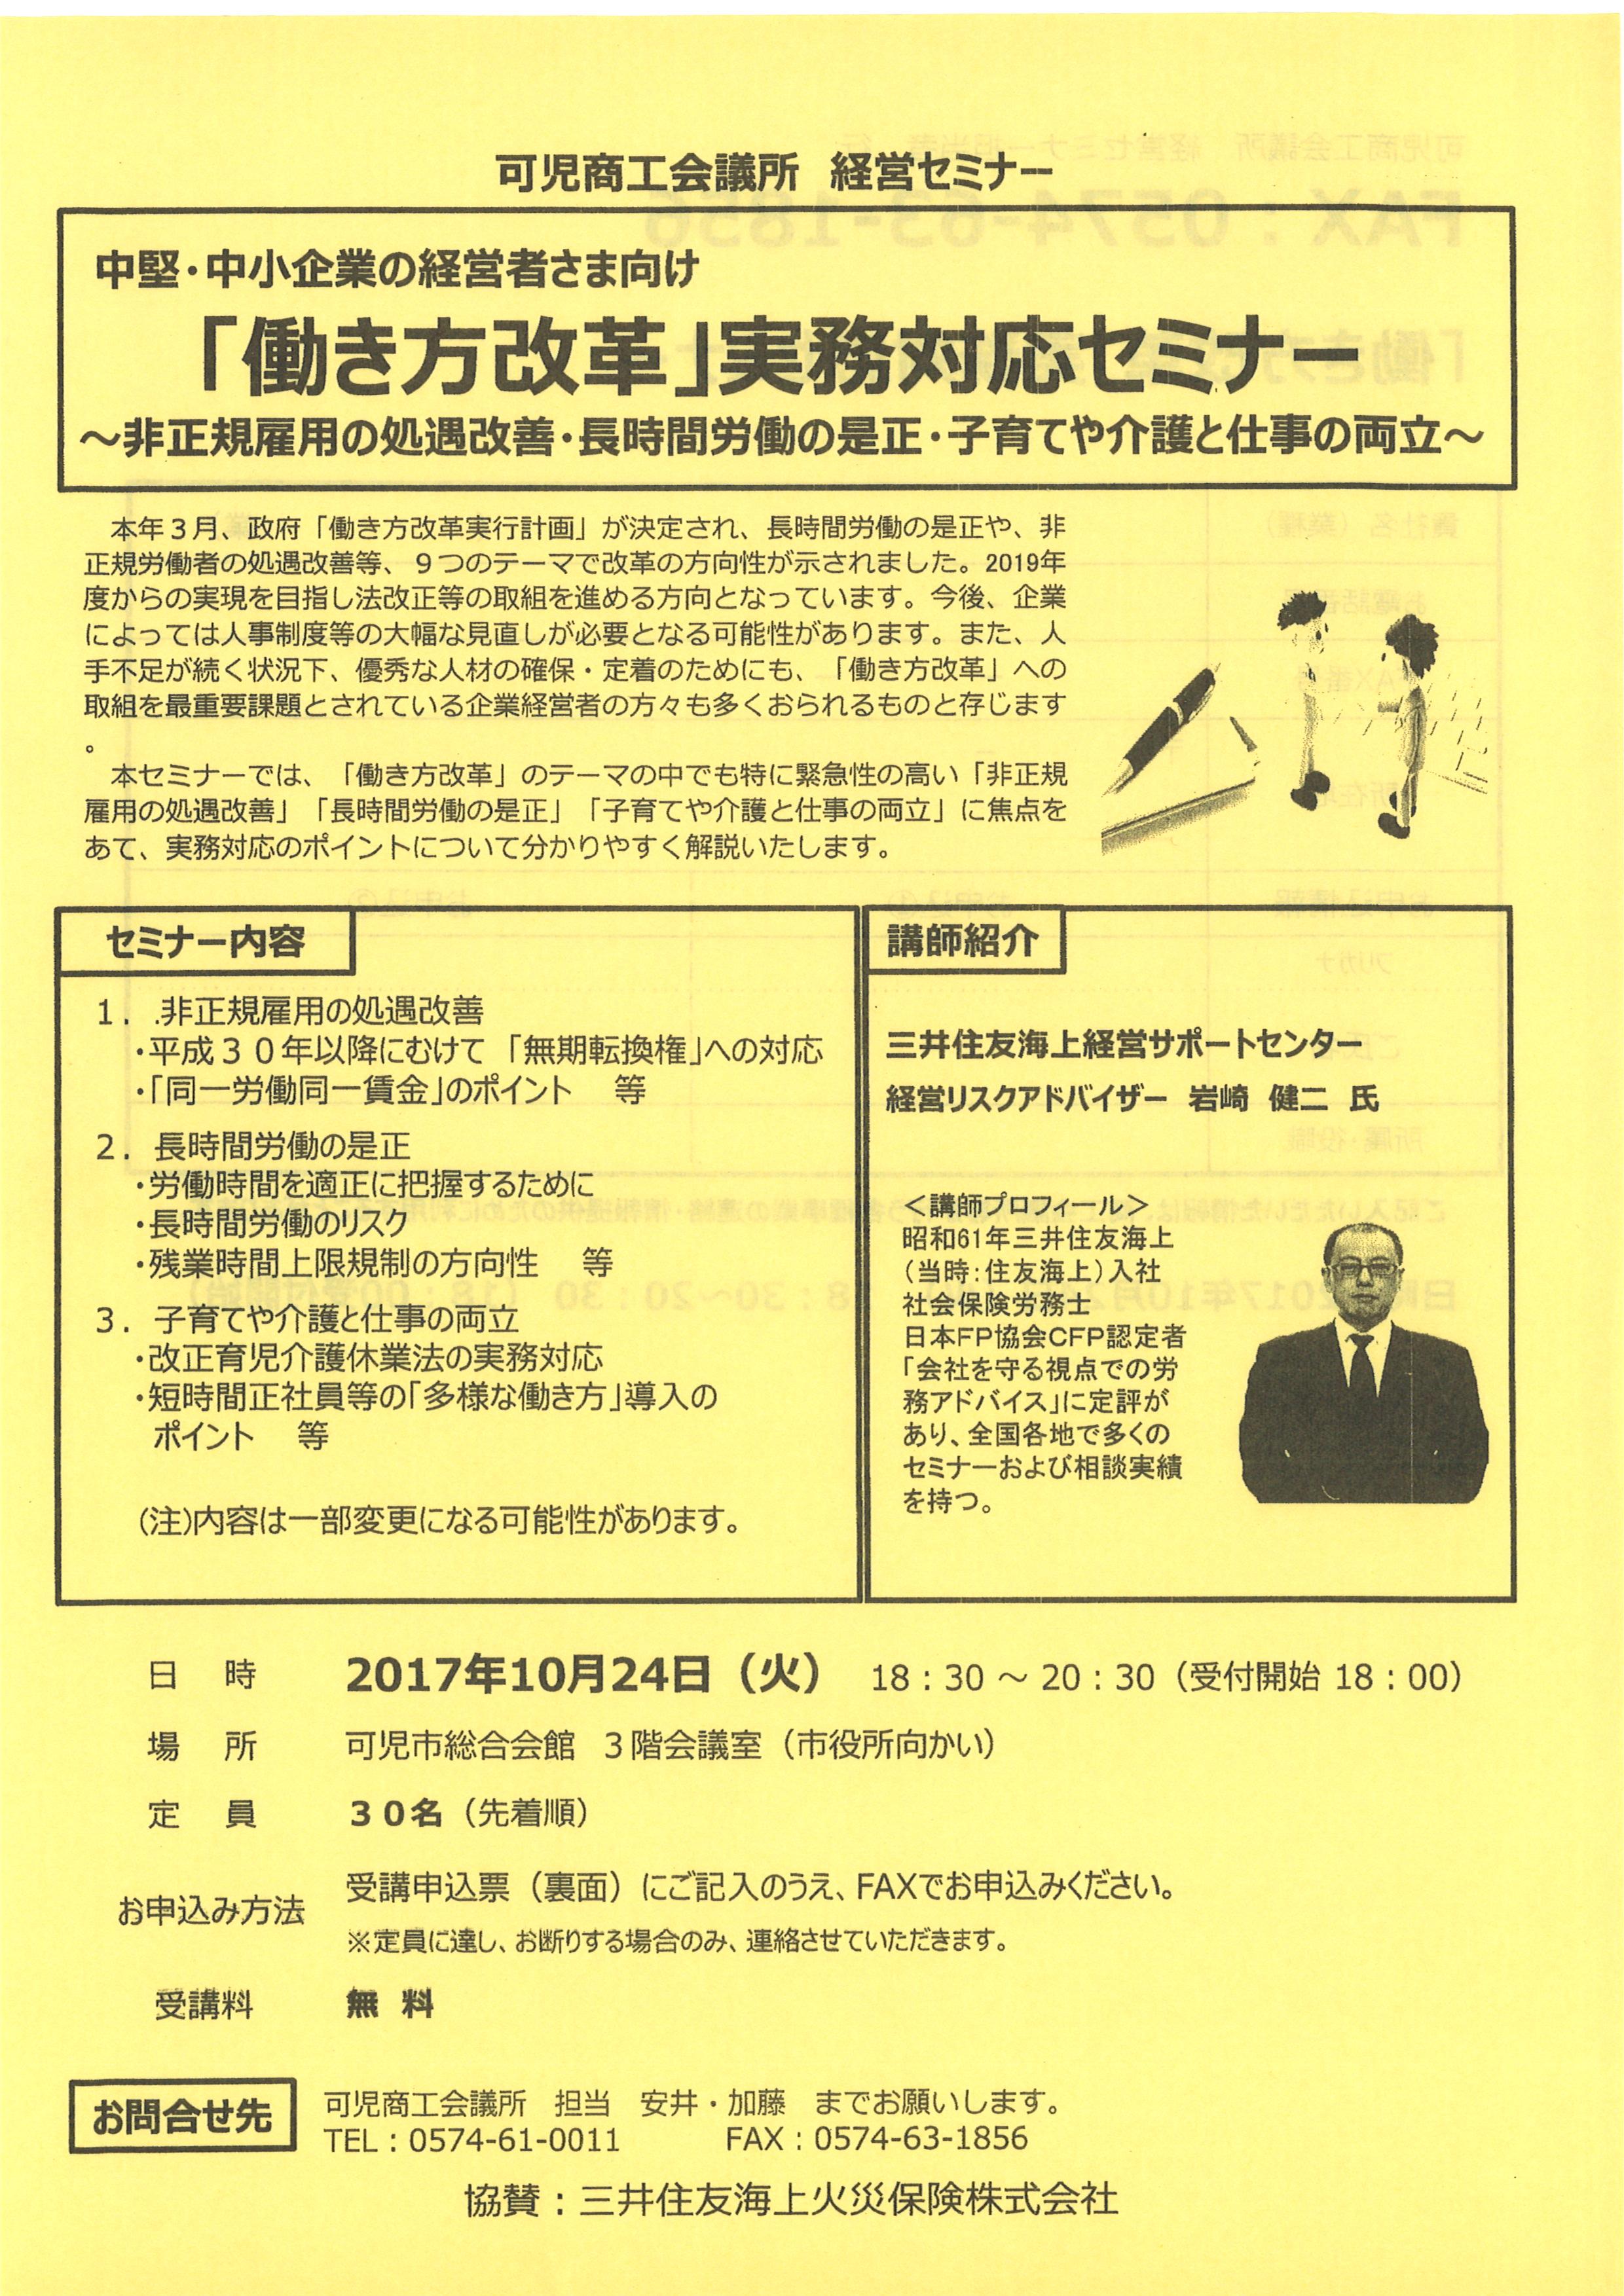 「働き方改革」実務対応セミナー(10/24)